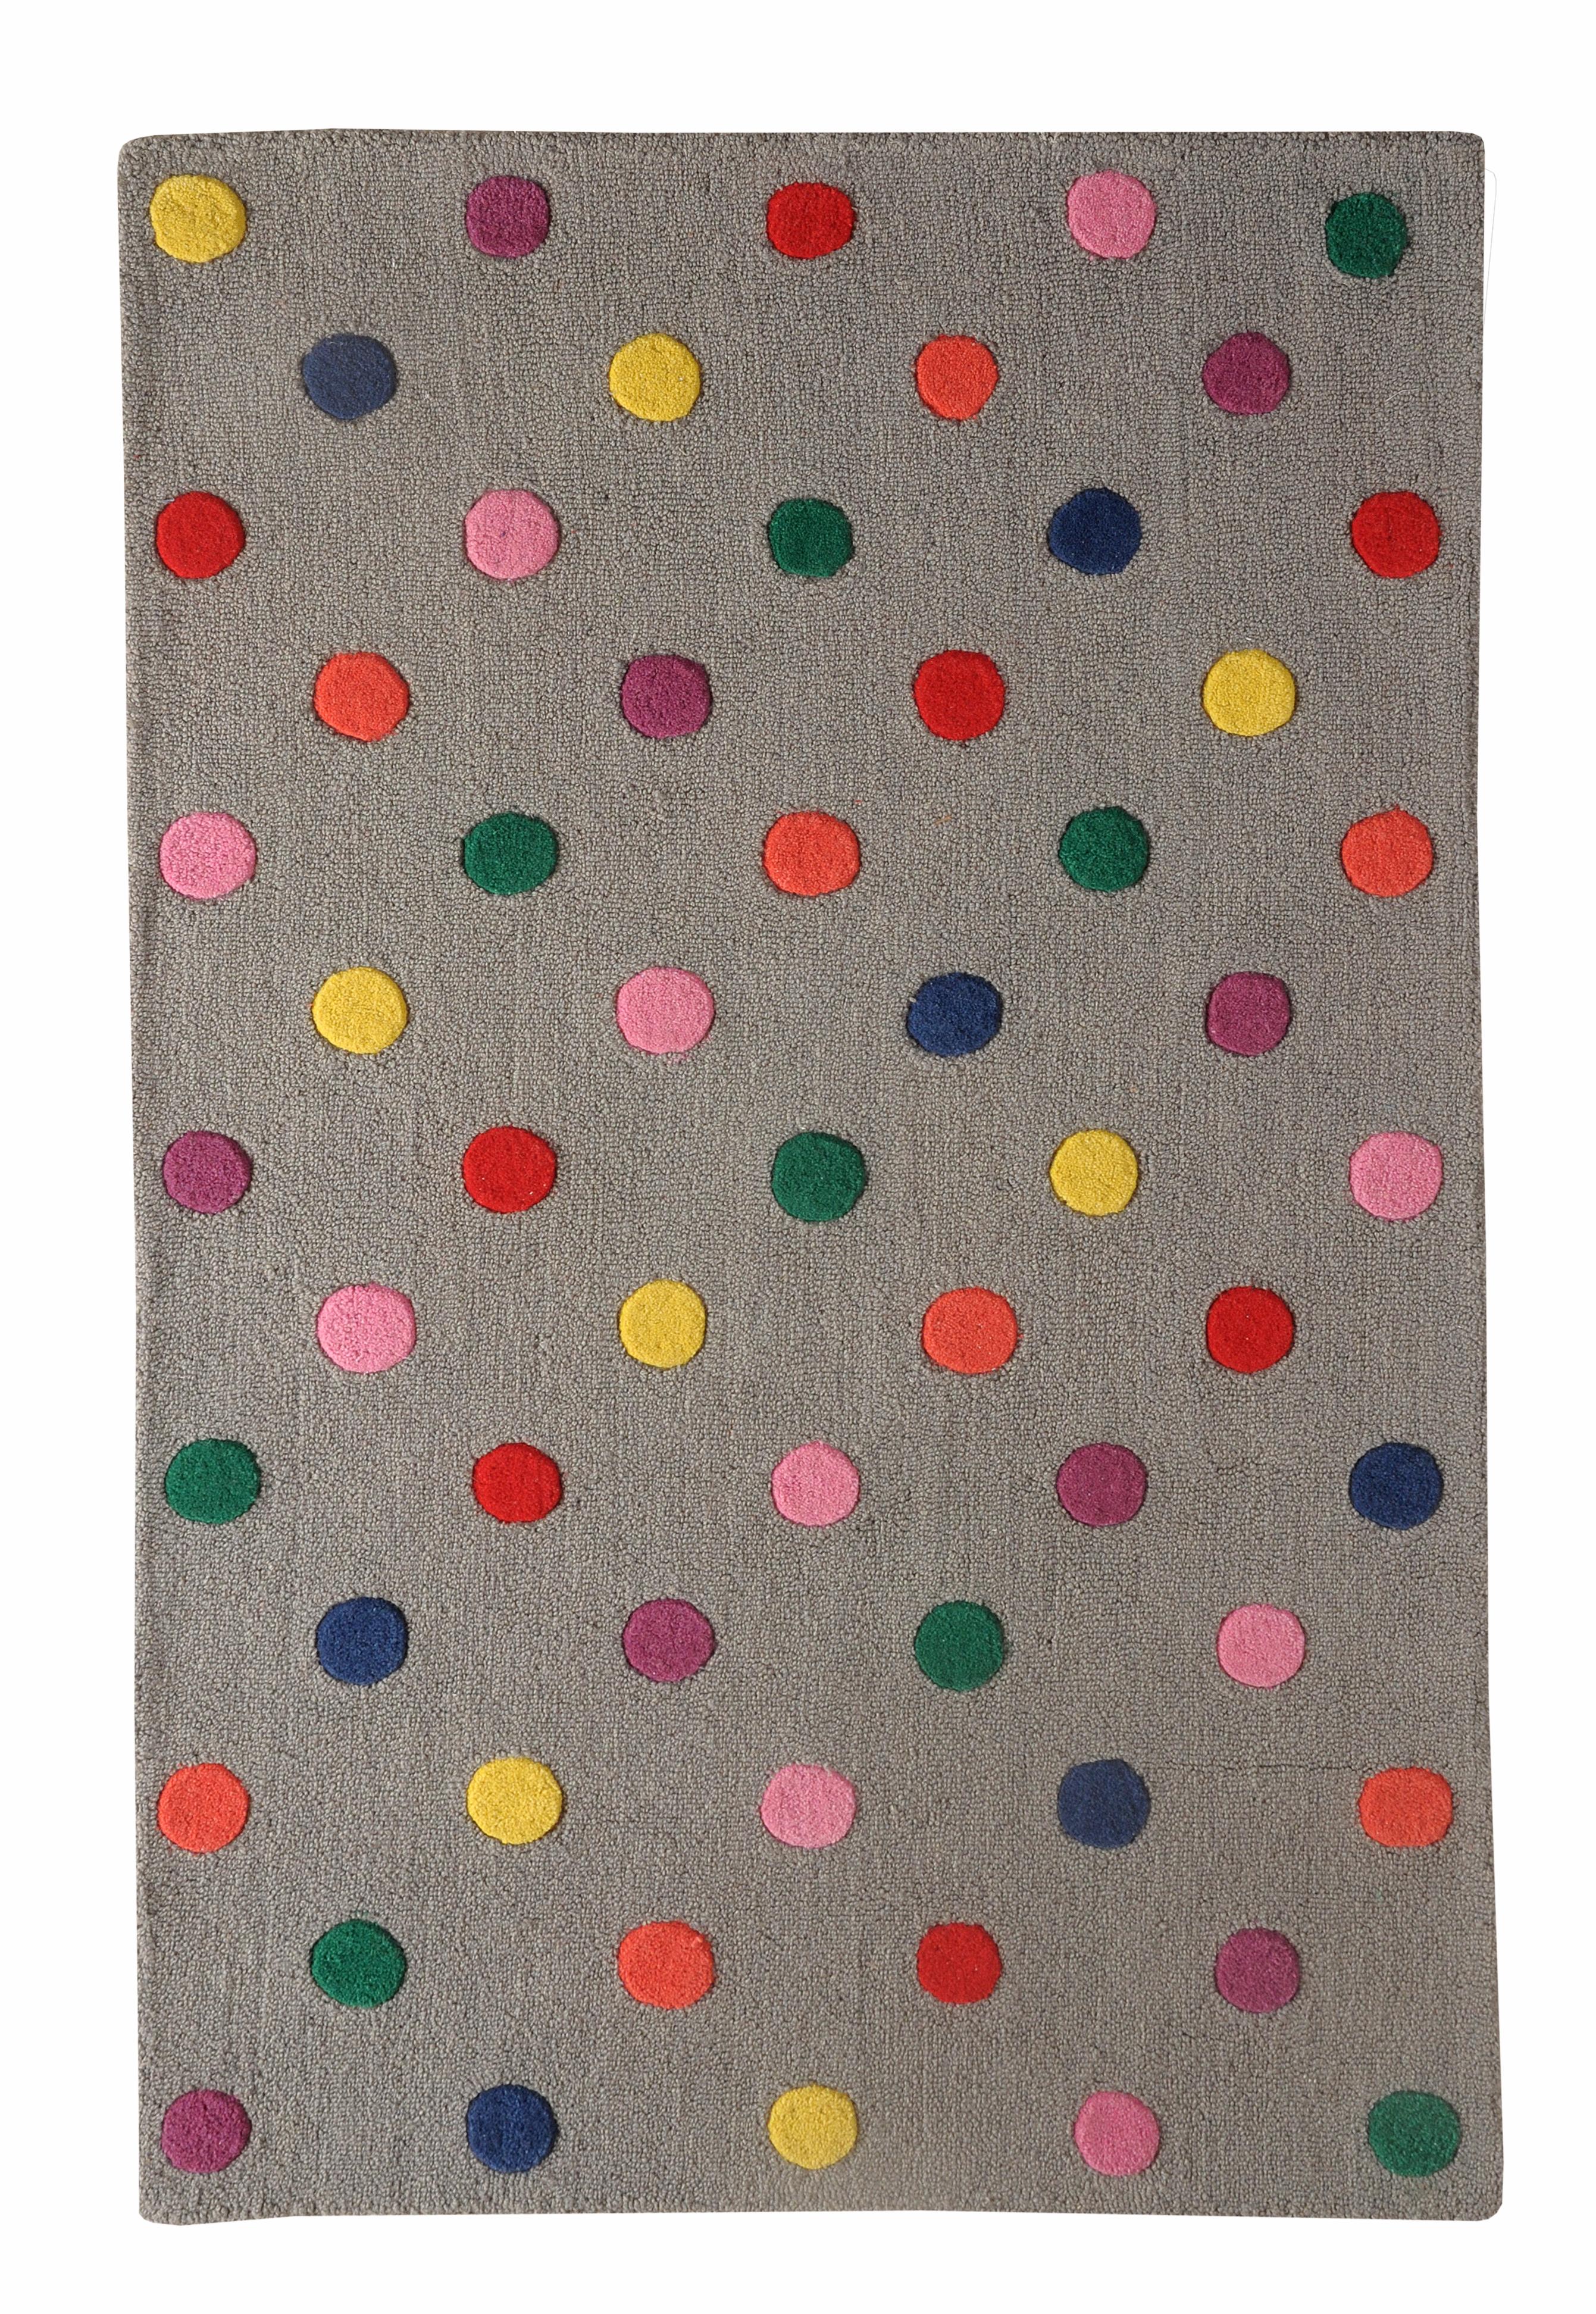 buy kids rugs online, grey rug, buy grey rug, handmade rugs, hand tufted rugs, colorful dot rug, living room rugs, area rugs, kids rugs, bedroom rugs, littlelooms rugs, versatile rugs